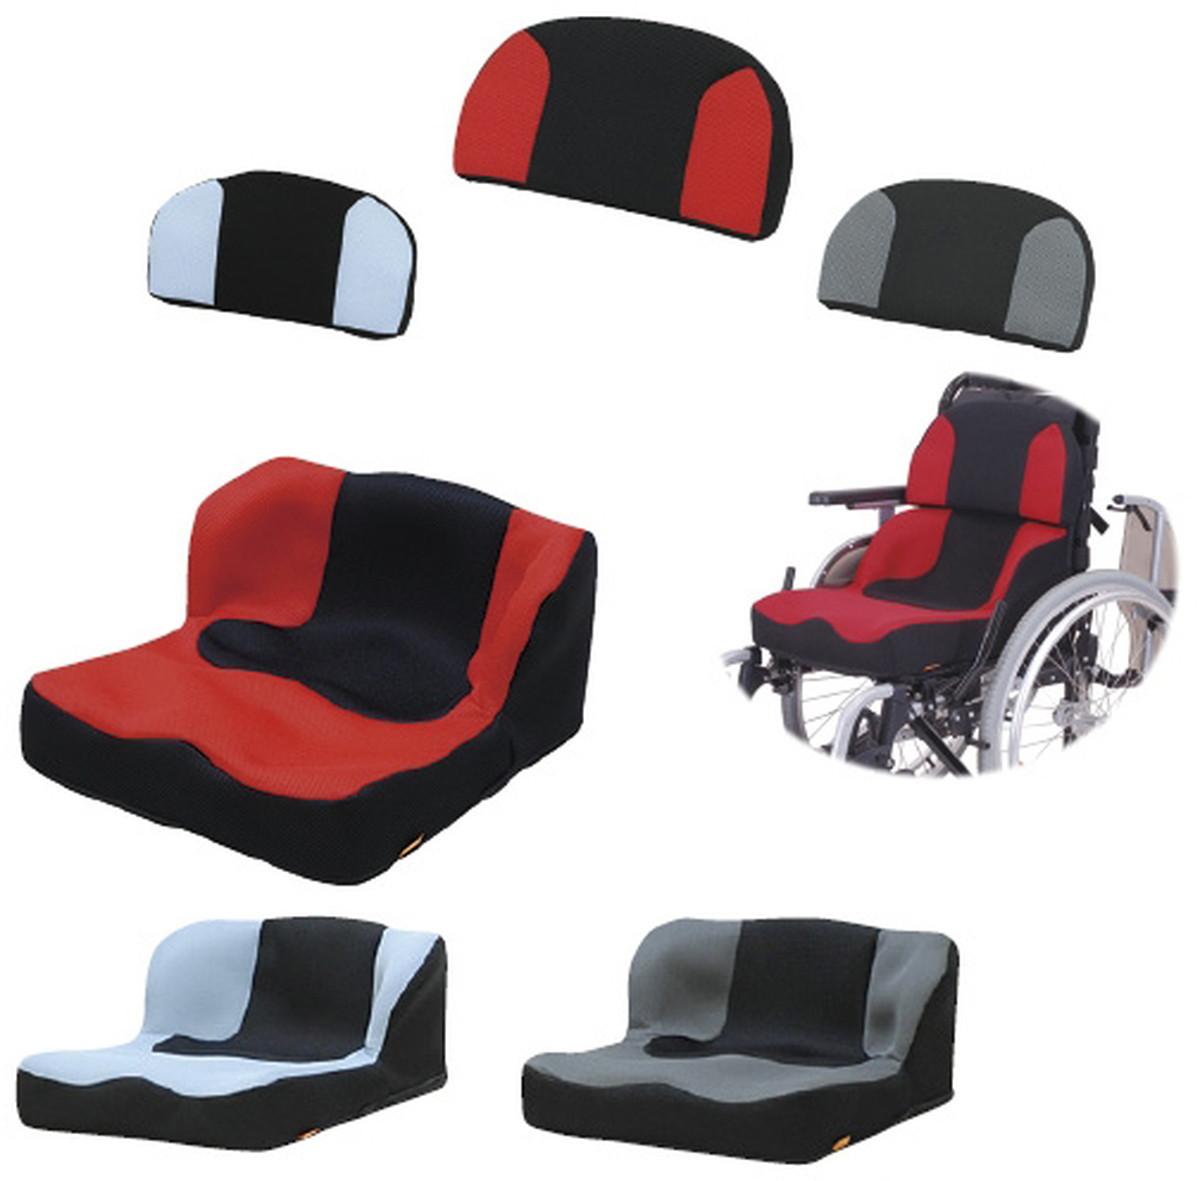 【送料無料】-座位保持クッションLAPS(ラップス TC-L01(ザイホジヨウ) 品番 my24-3062-0003 1入り-【MY医科器機】JAN 4523725003638